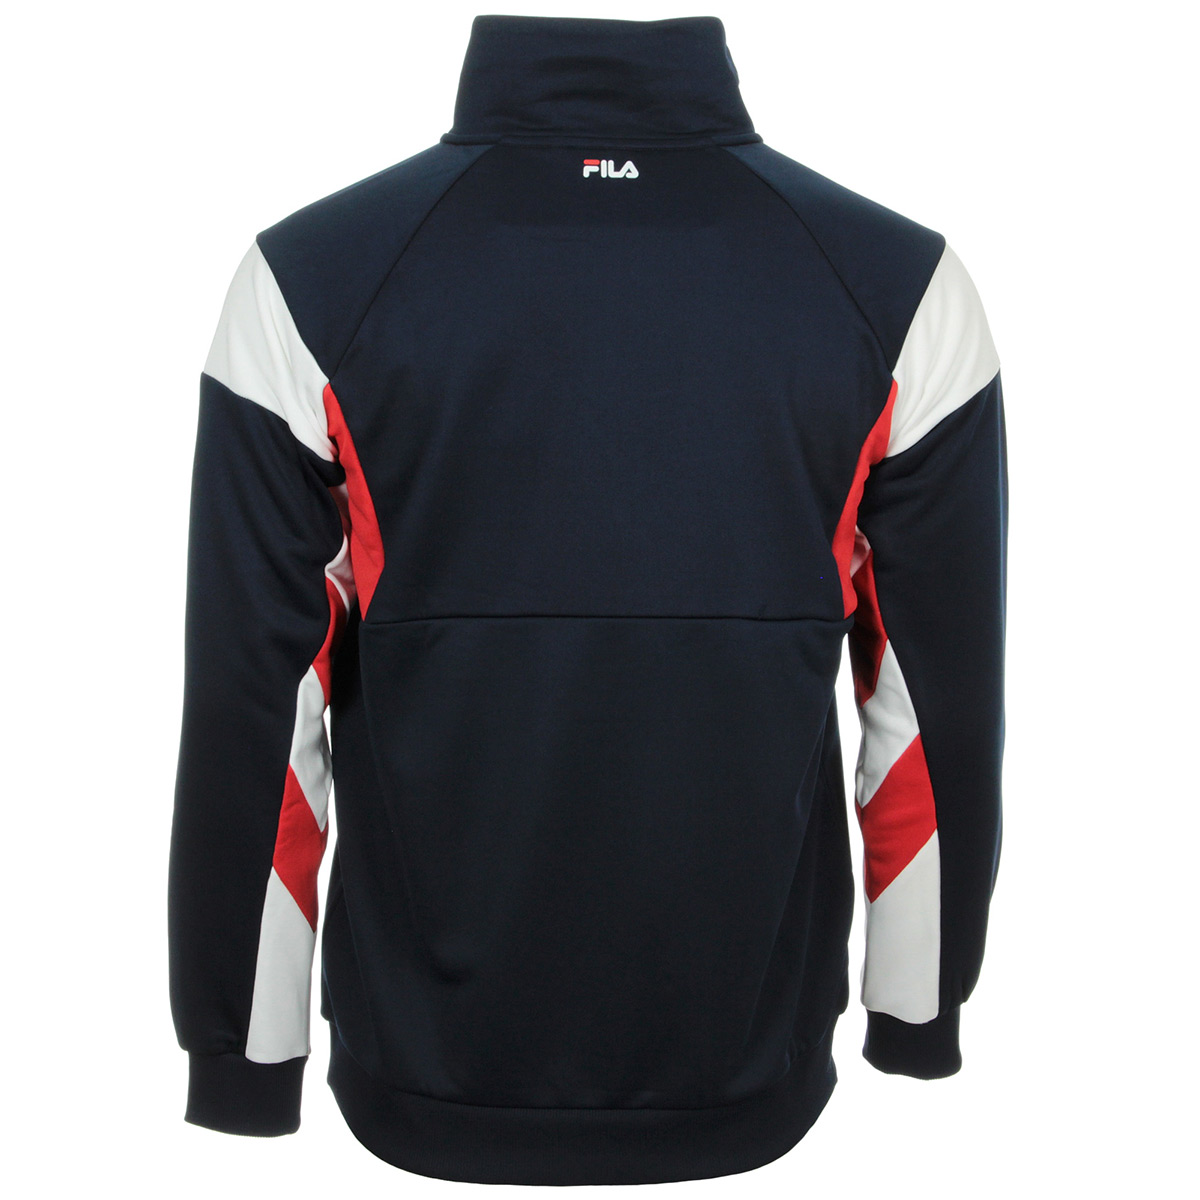 682151h07 Cfwft1x7fq Homme Zip Keith Half Men Fila Shirt Sport Vestes af65wqS1qv